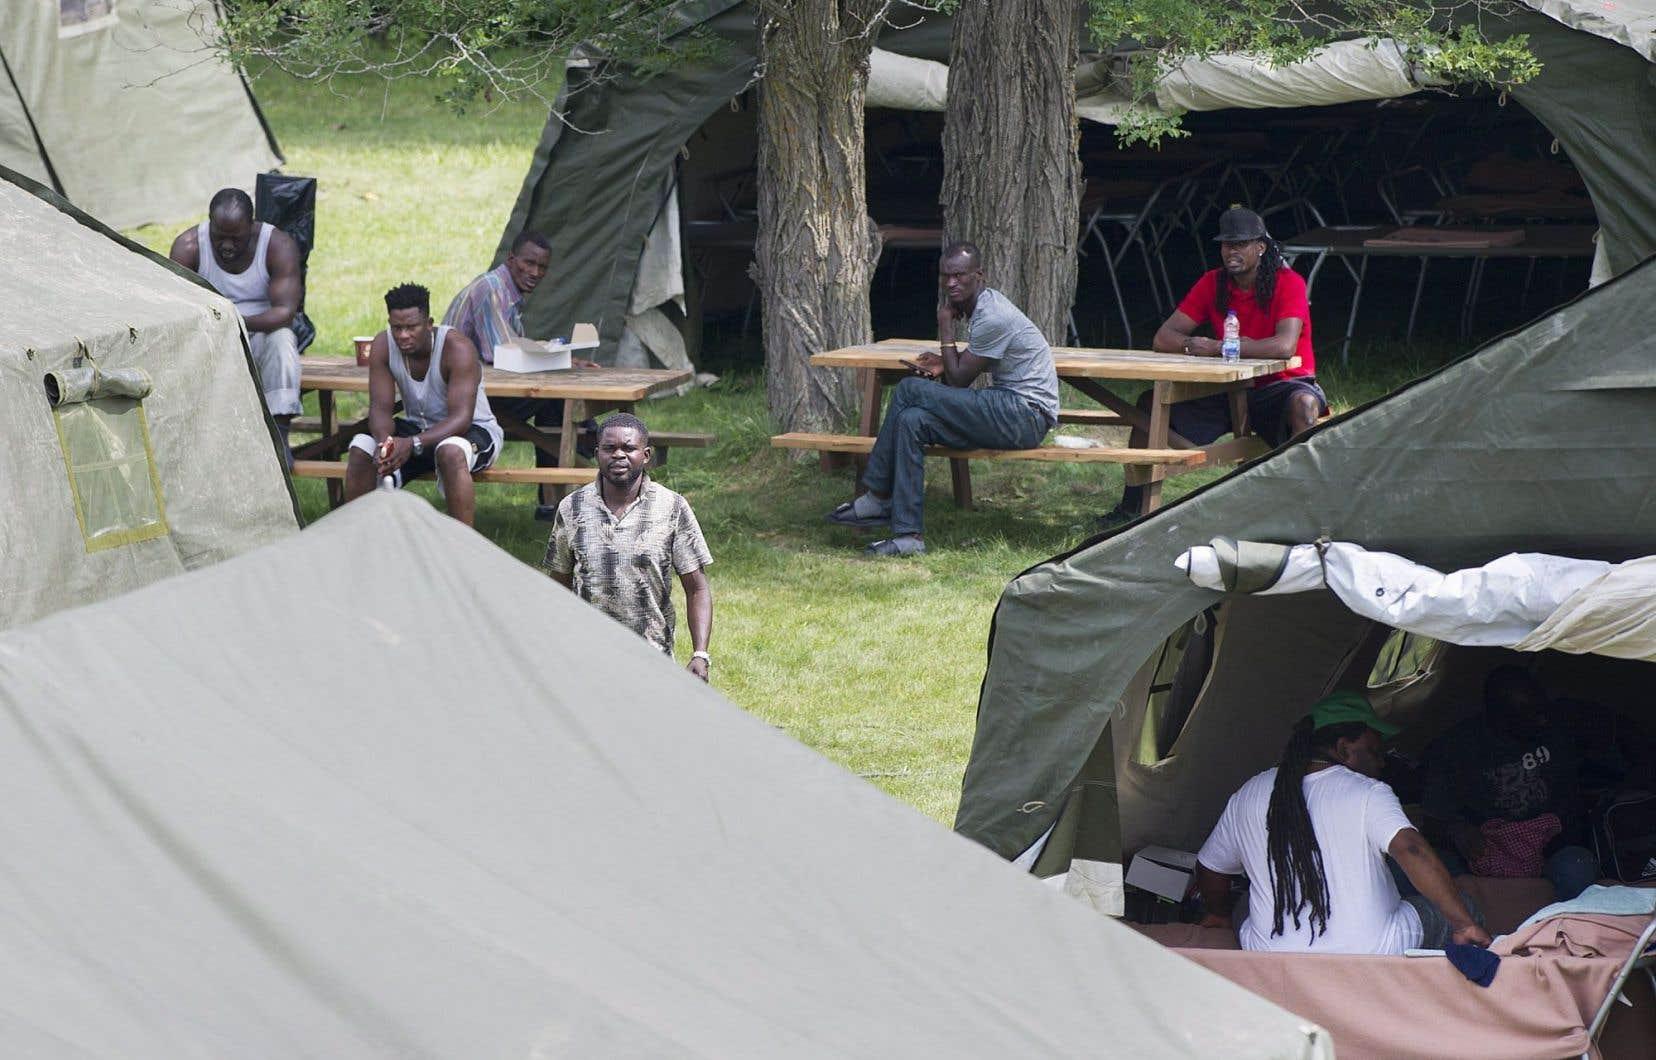 Des demandeurs d'asile dans le nouveau camp, à Lacolle.De 250 à 300 d'entre eux passeraient actuellement la frontière canado-américaine chaque jour.